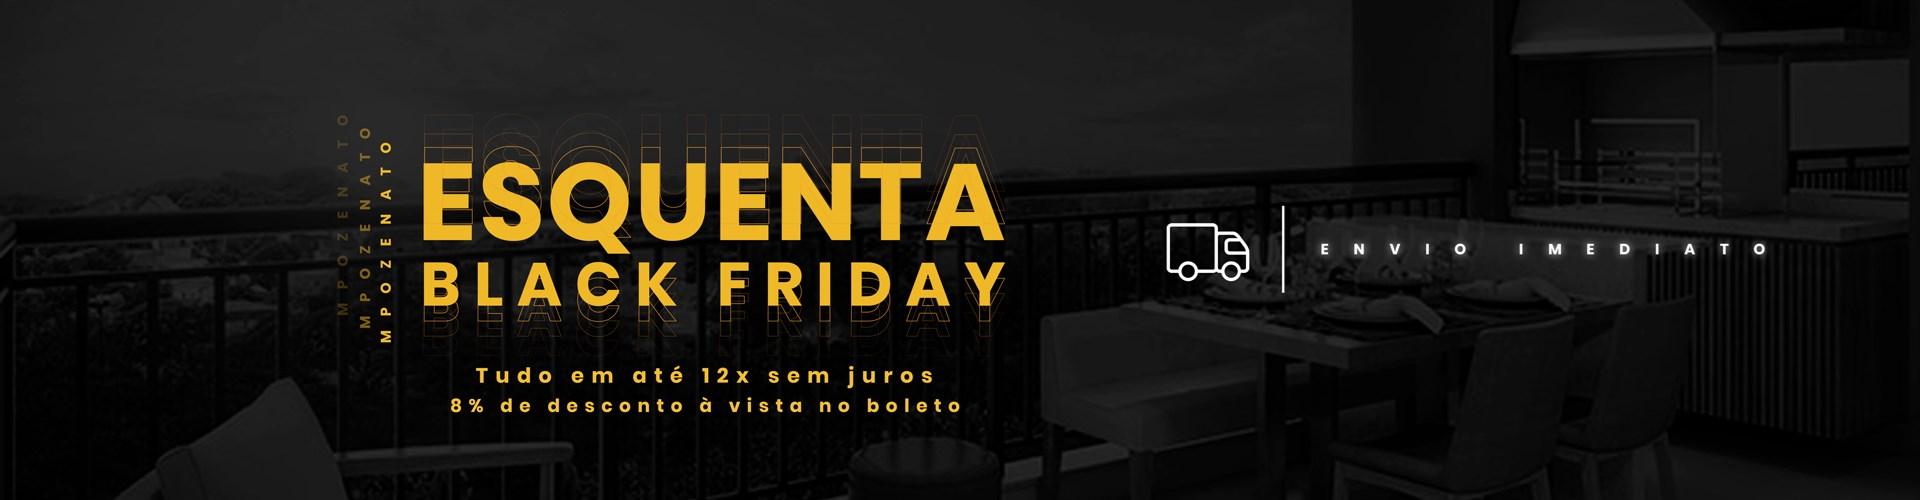 Esquenta Black Friday - MPOZENATO